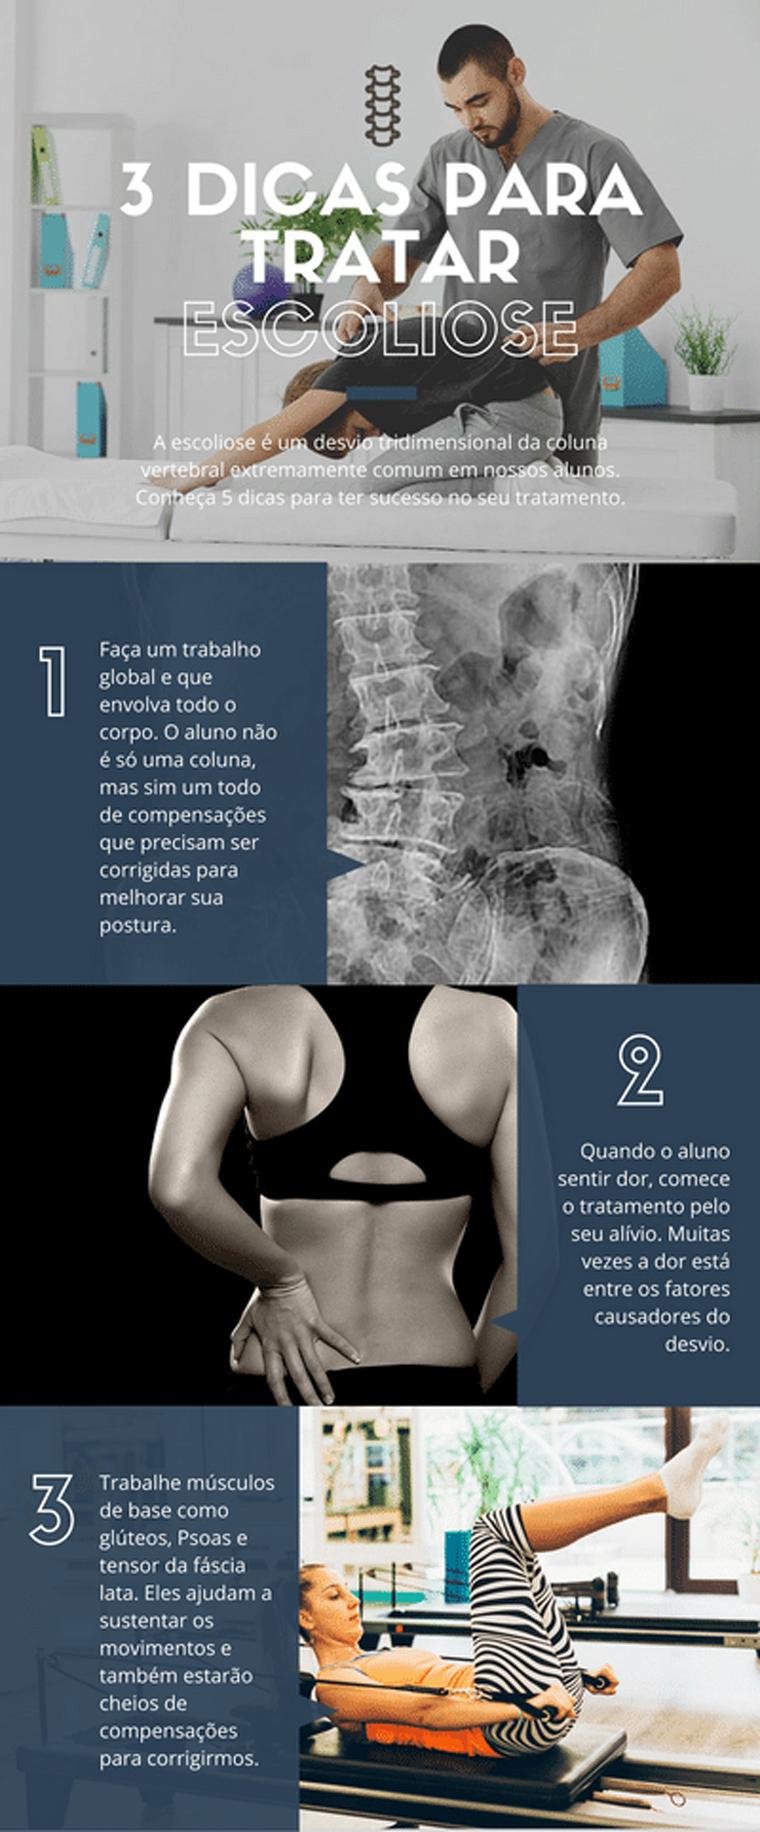 tratar-a-escoliose-infografico